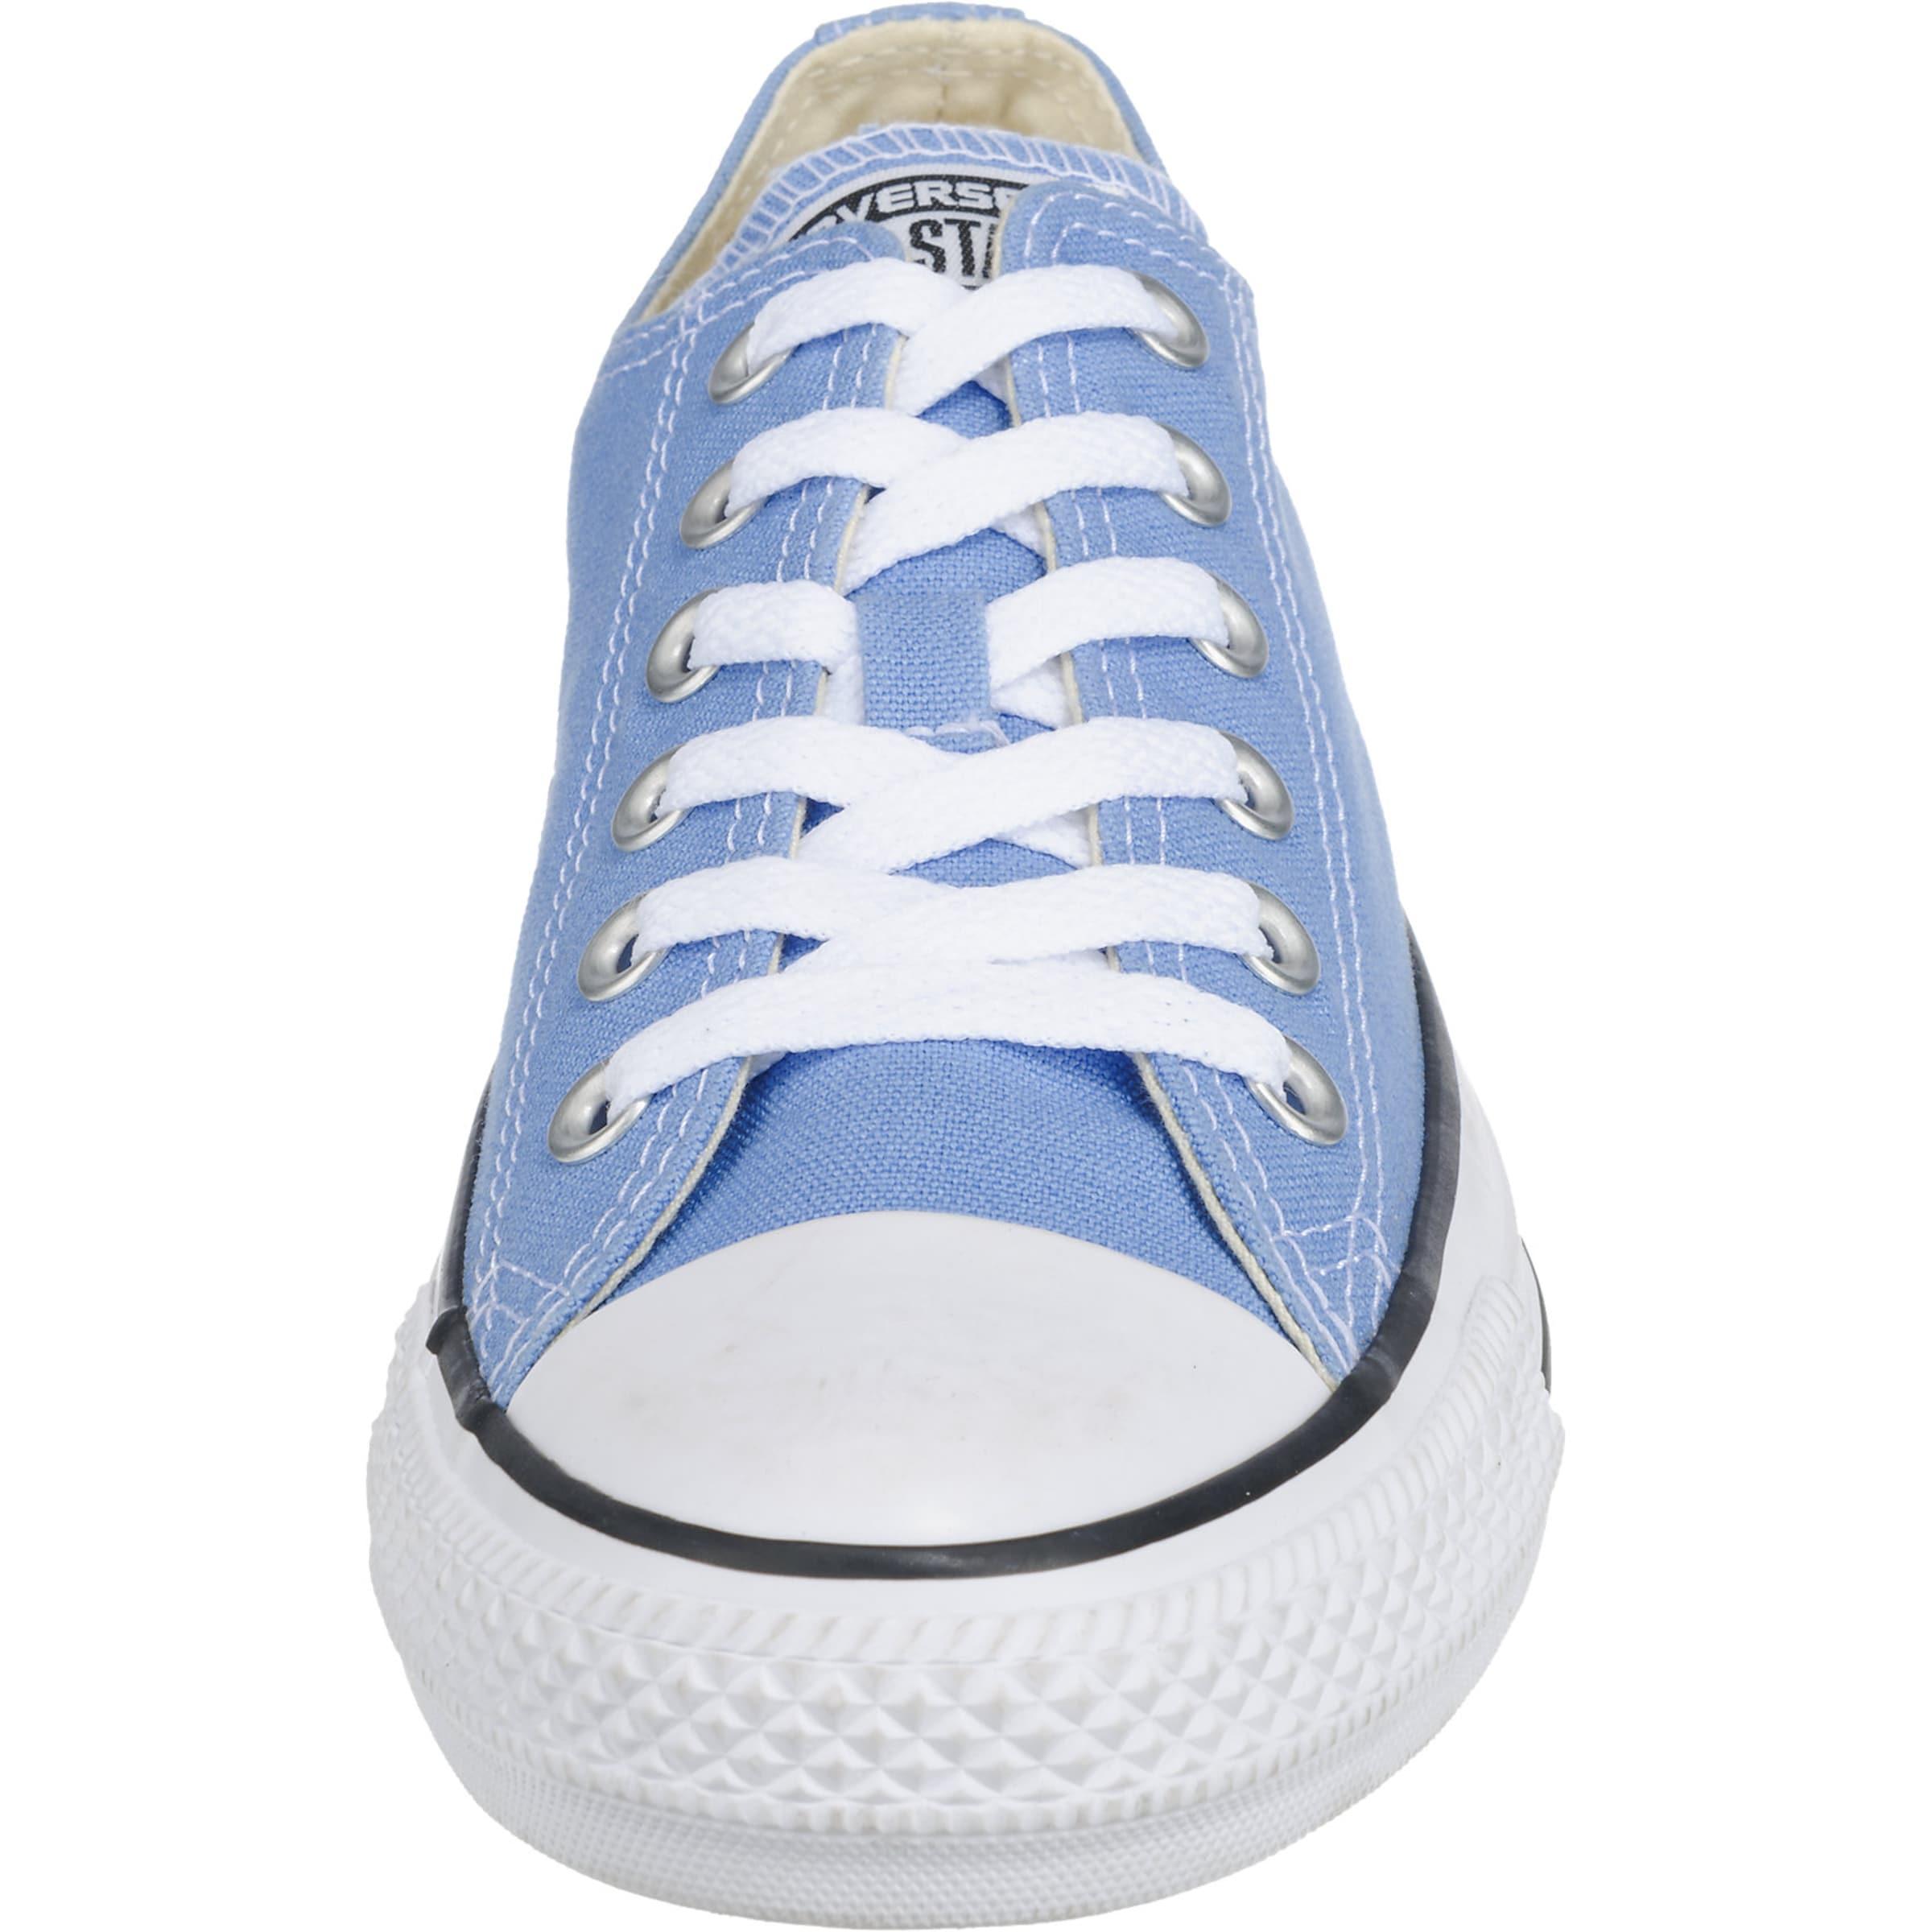 CONVERSE Sneaker 'Chuck Taylor All Star Ox' Günstig Kaufen Rabatte Auslass Viele Arten Von Billig Verkauf Wirklich Billig Verkauf Eastbay bKYBBo